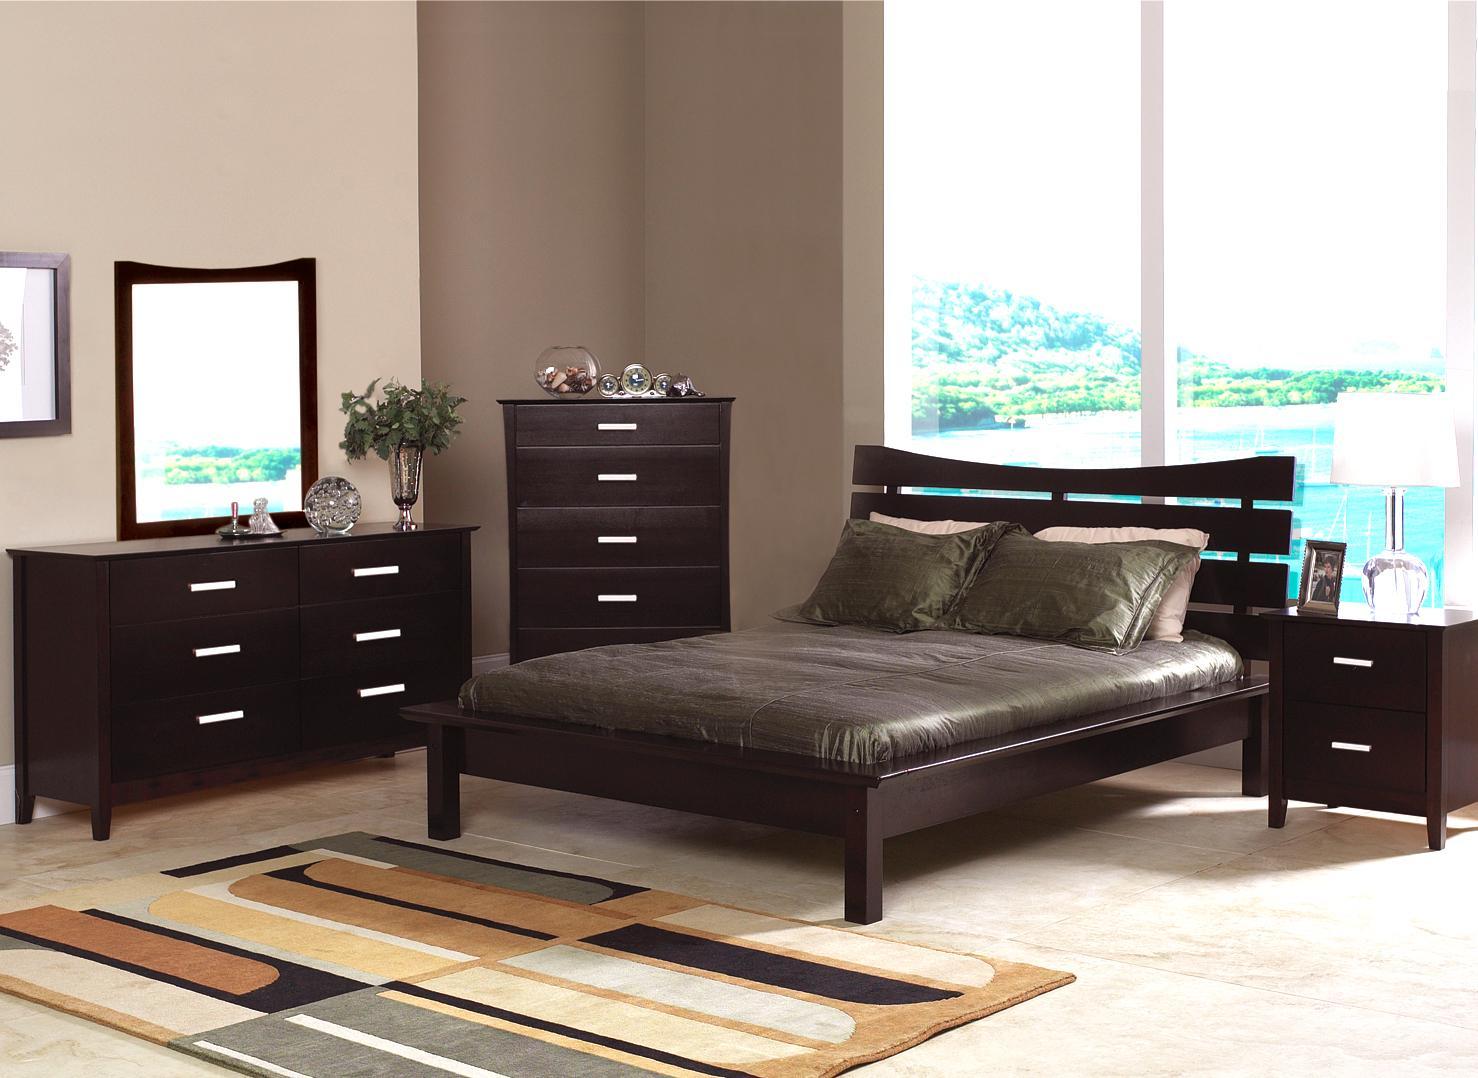 Coaster Stuart Queen Bedroom Group - Item Number: 200300+5630 Q Bedroom Group 2